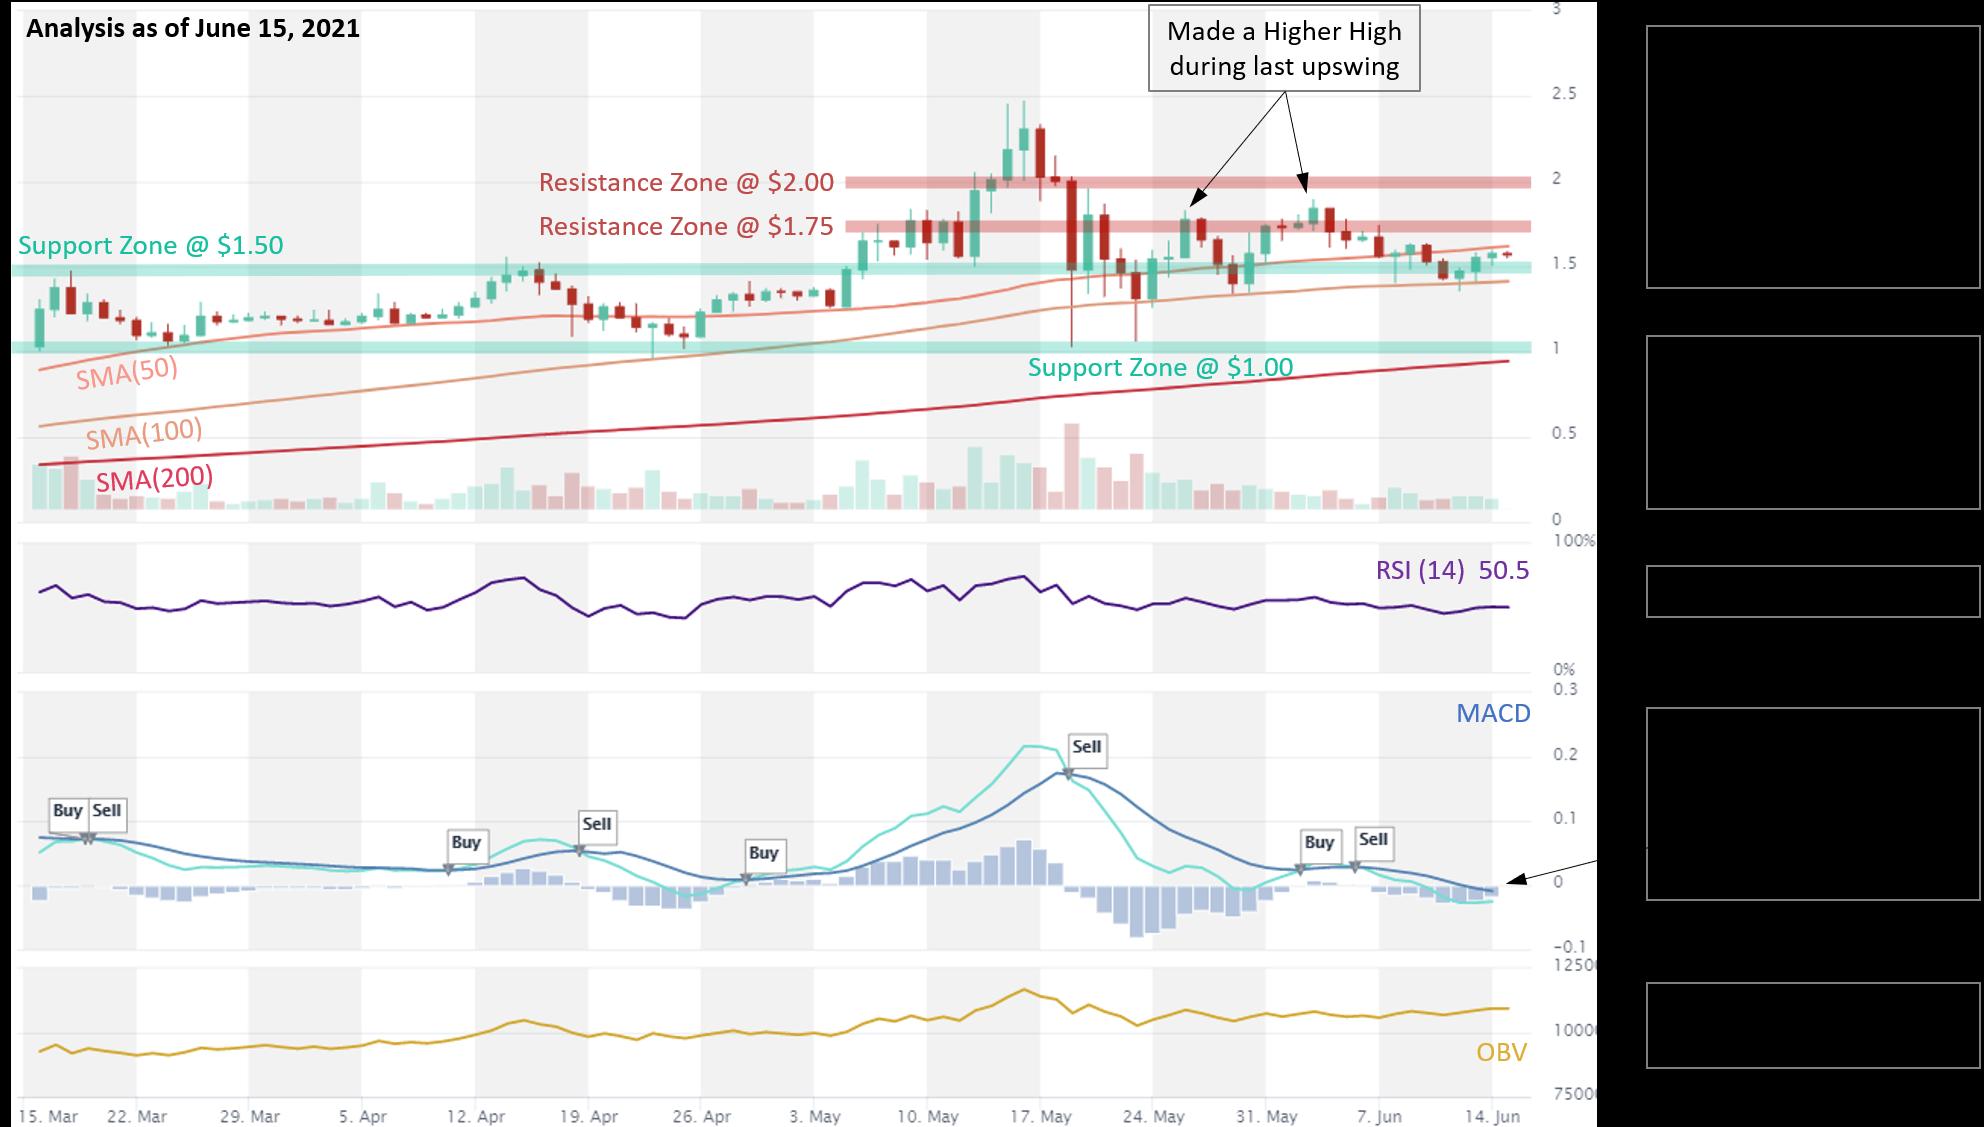 Cardano ADA price analysis 15.06.2021